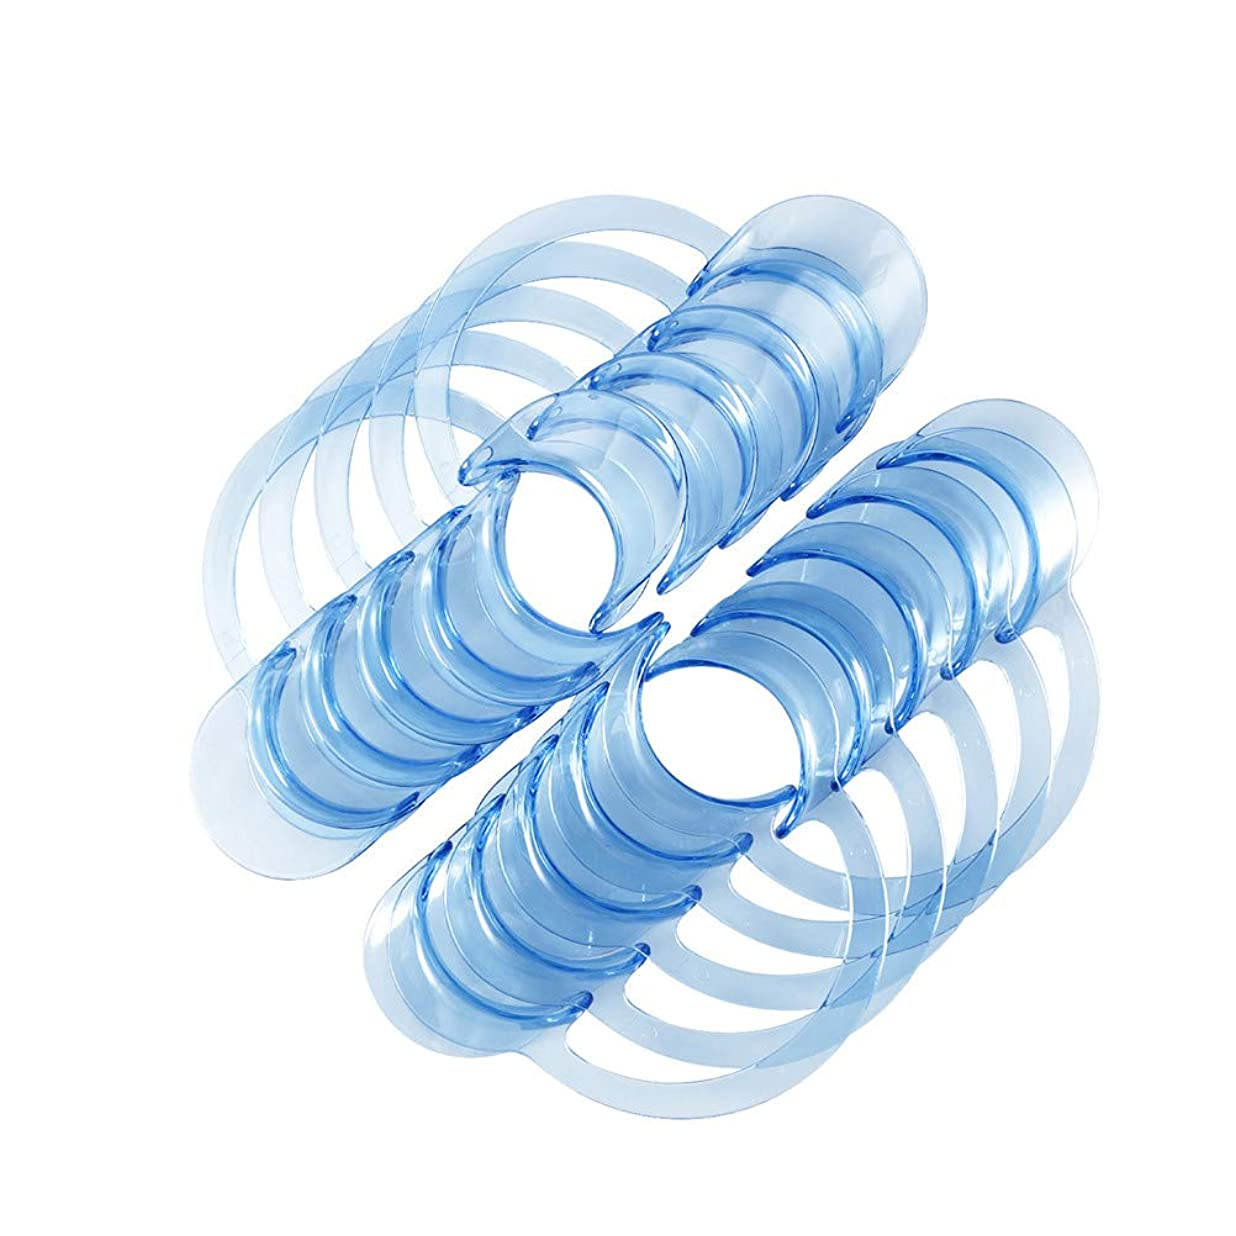 仮装中級時制Healifty 30ピース歯科口オープナー口リップオープナーC字型チークリトラクターゲームとウォッチ屋の口のために - L(ブルー)